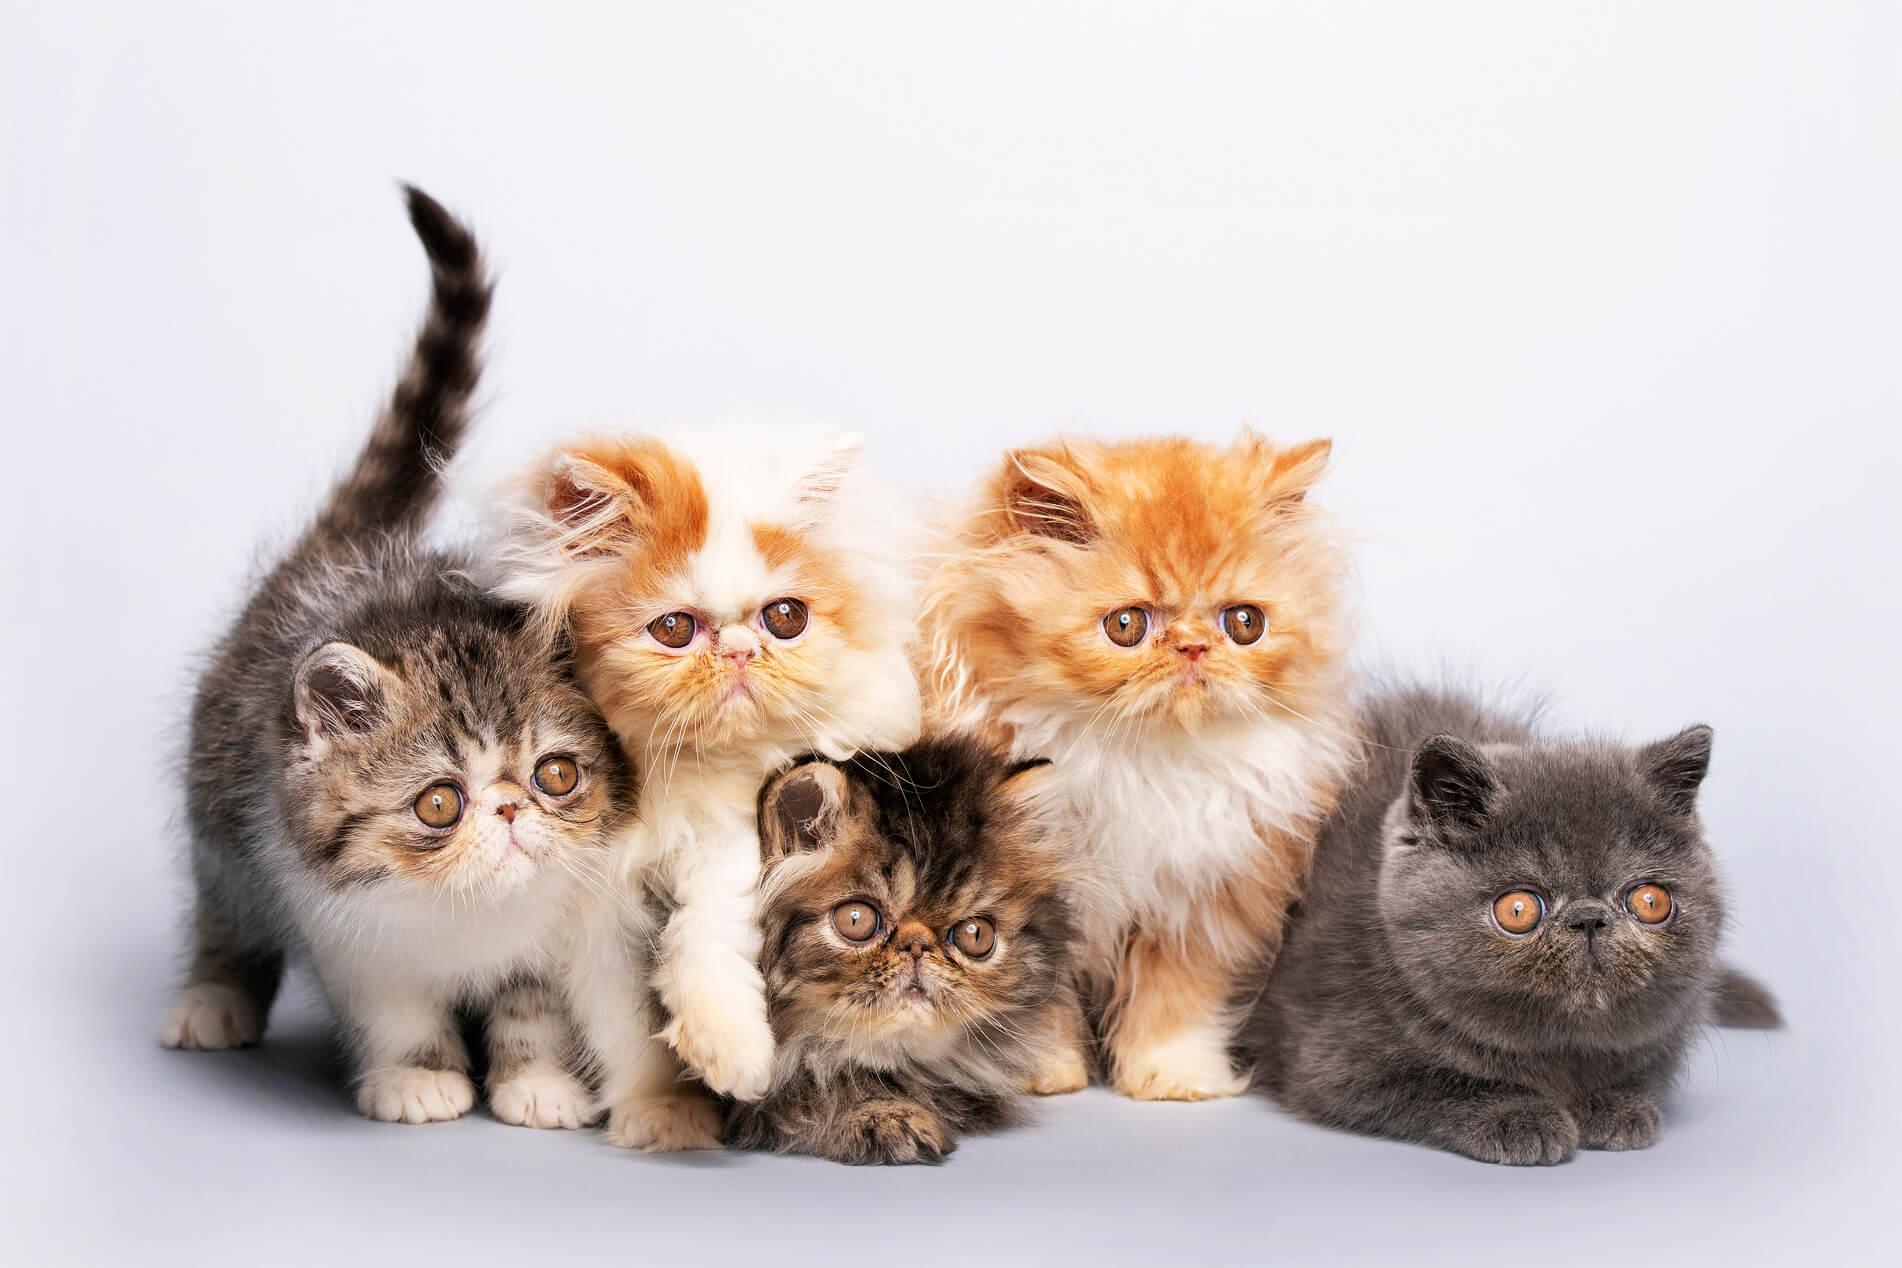 Jenis-jenis Kucing Persia yang Populer di Indonesia